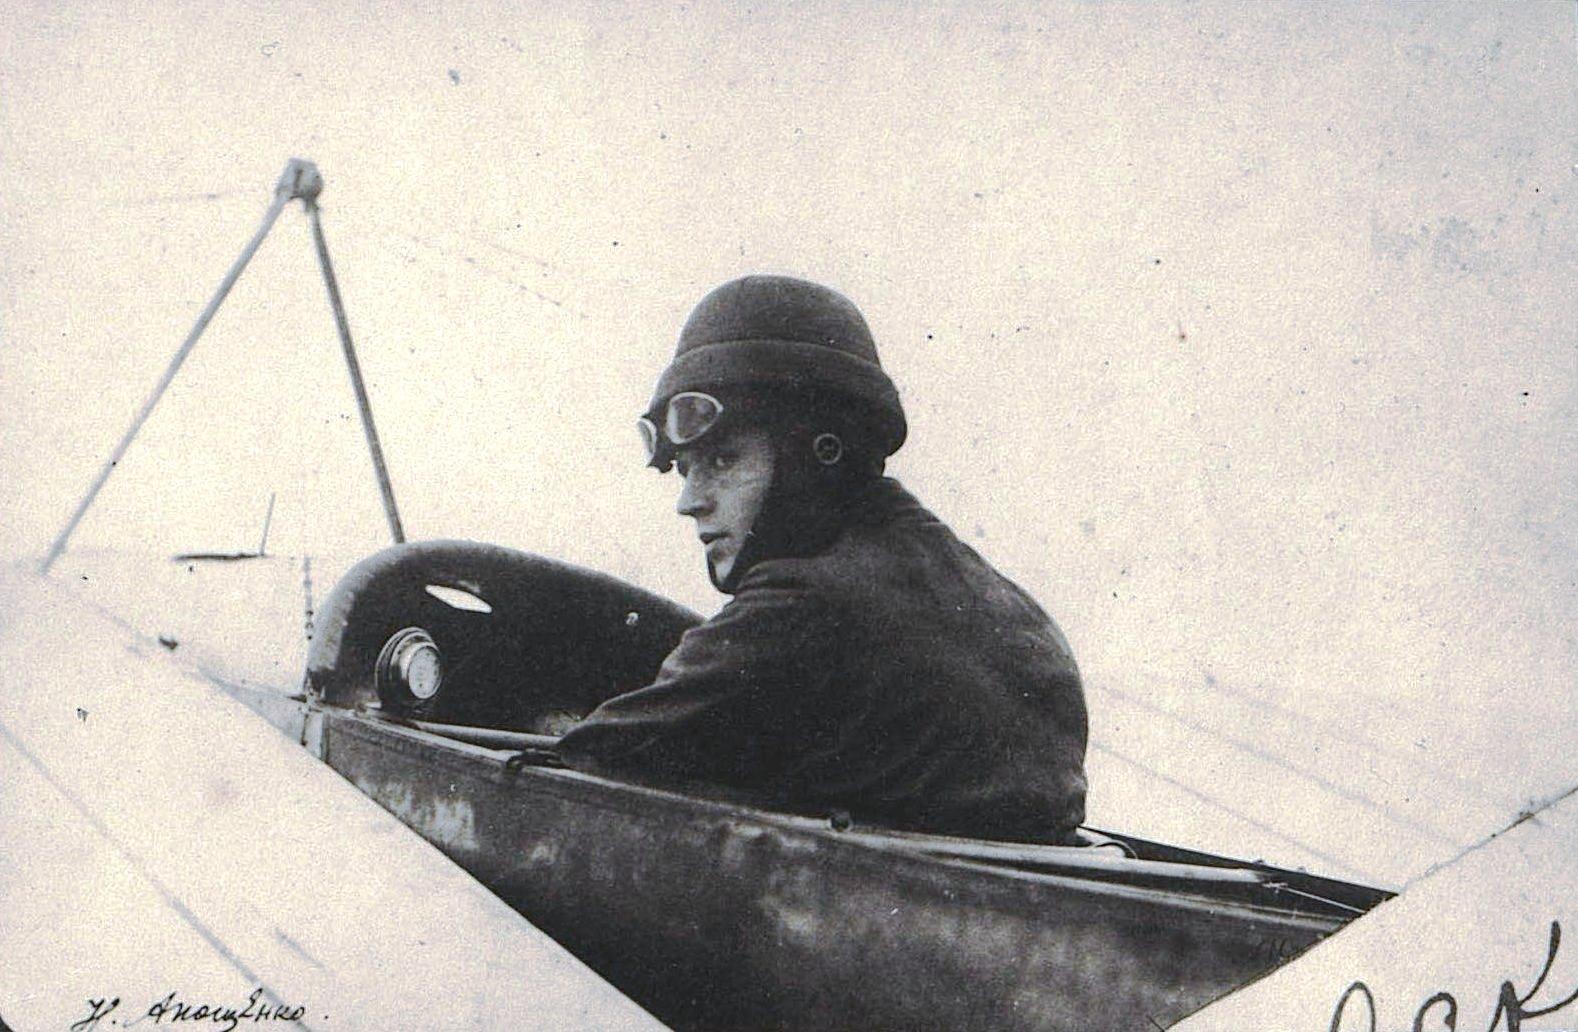 1914. Янковский Георгий Викторович, лётчик и авиаконструктор, на самолёте «Моска»